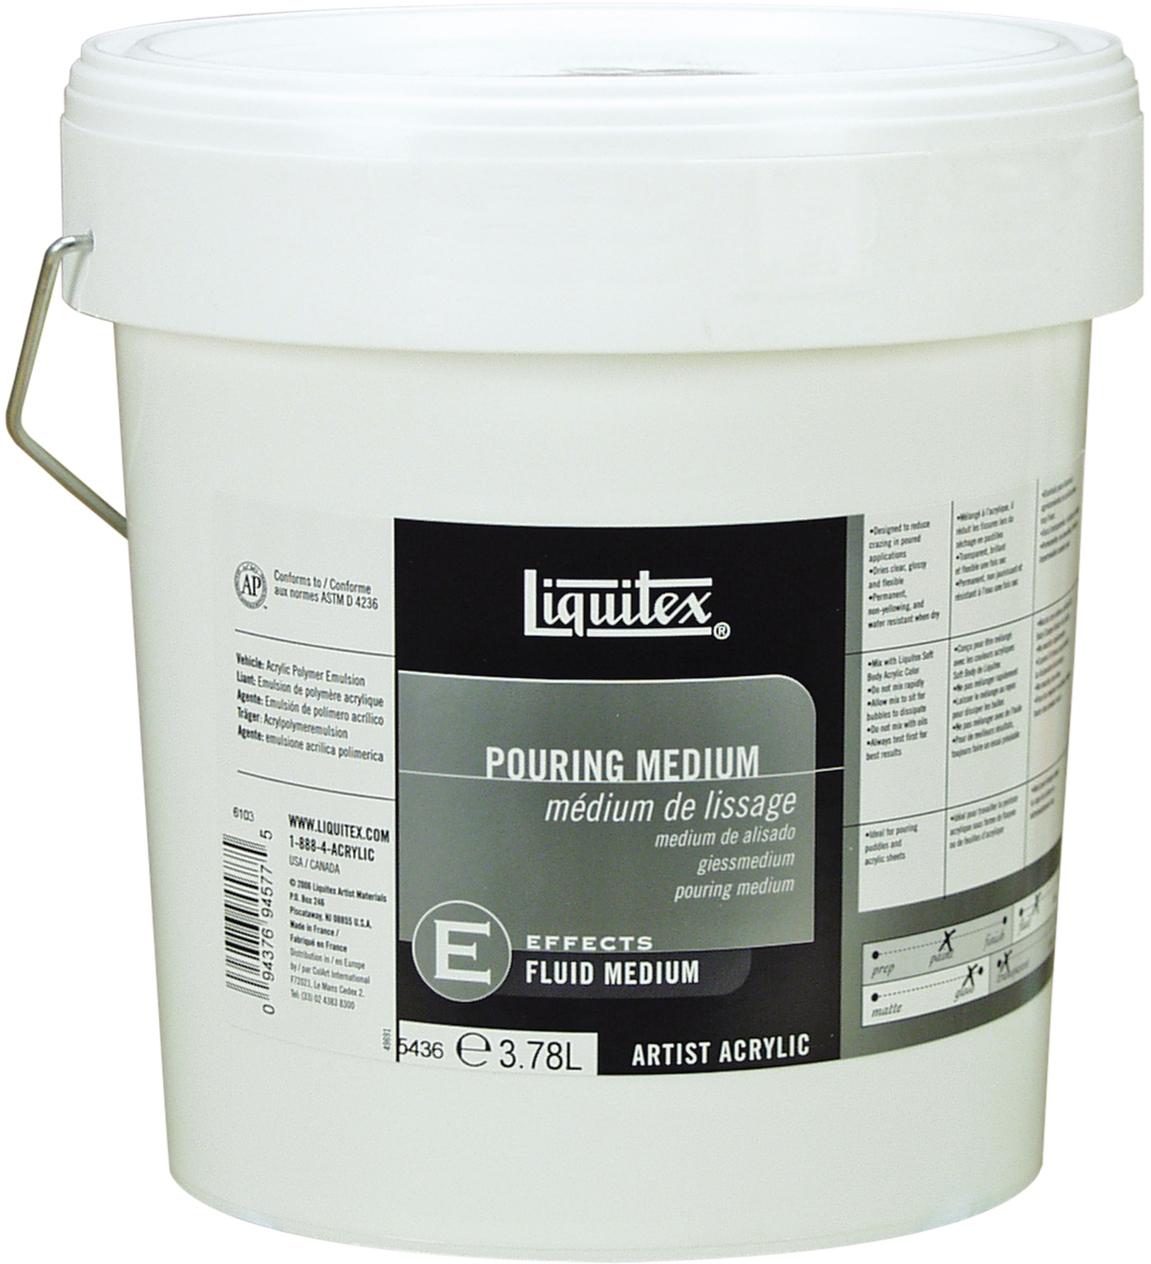 Liquitex: Pouring Medium (3.78L) image